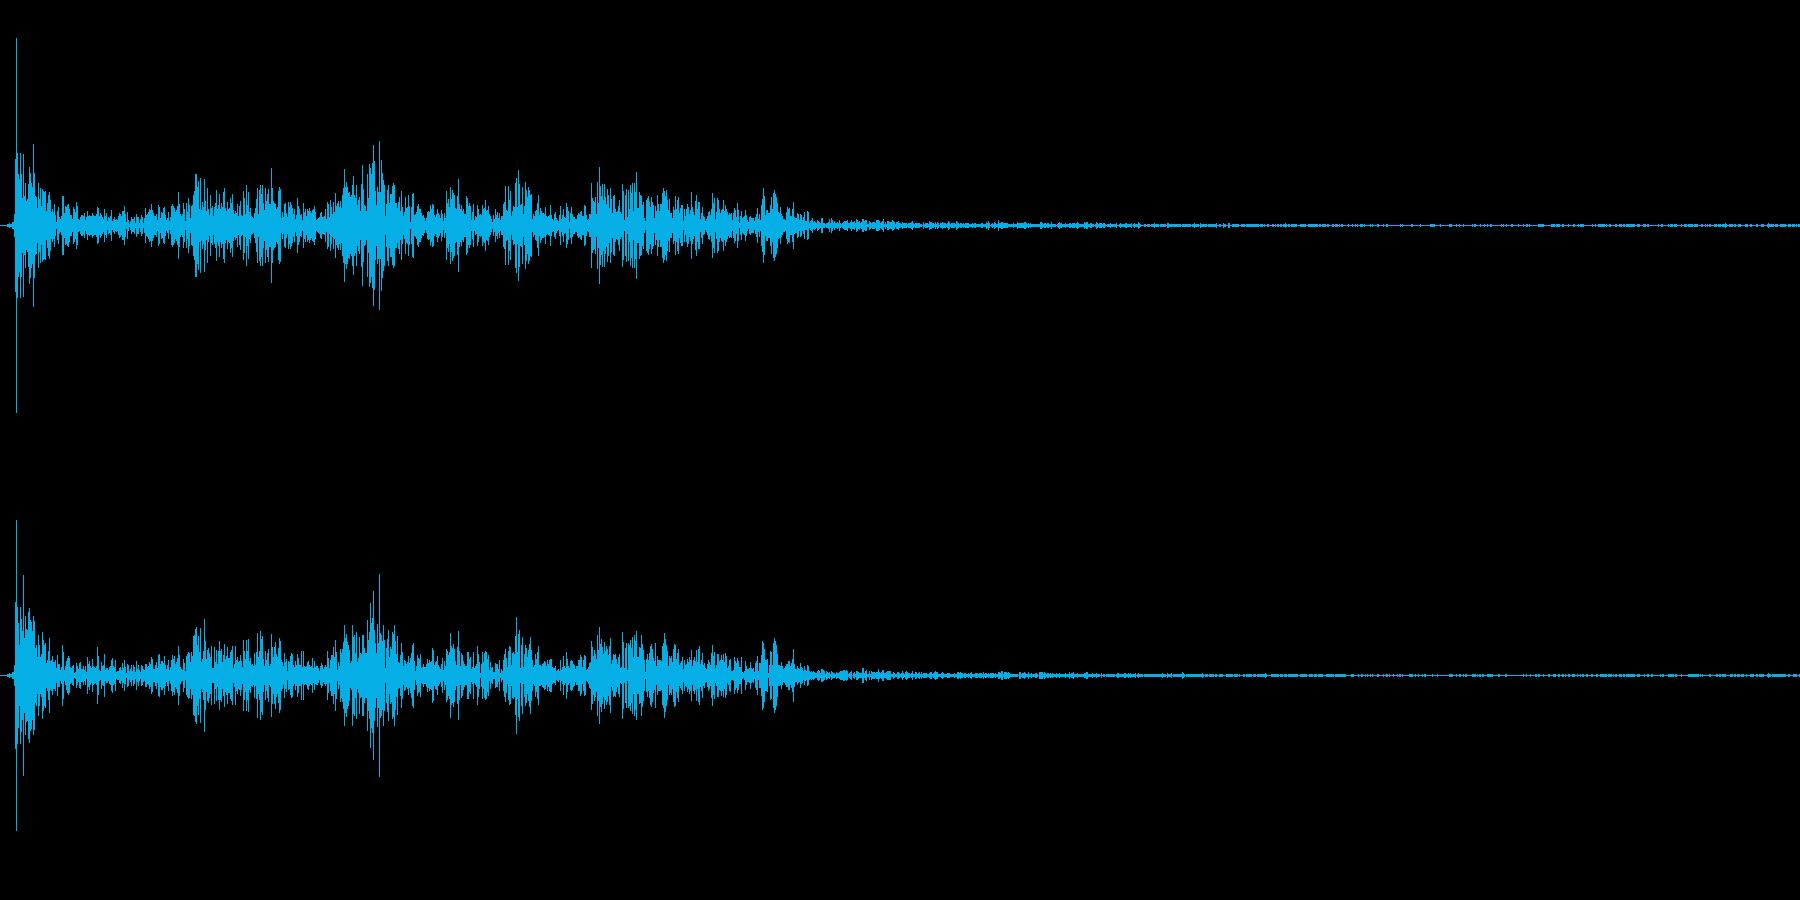 【生録音】パッケージ 開封音 2の再生済みの波形